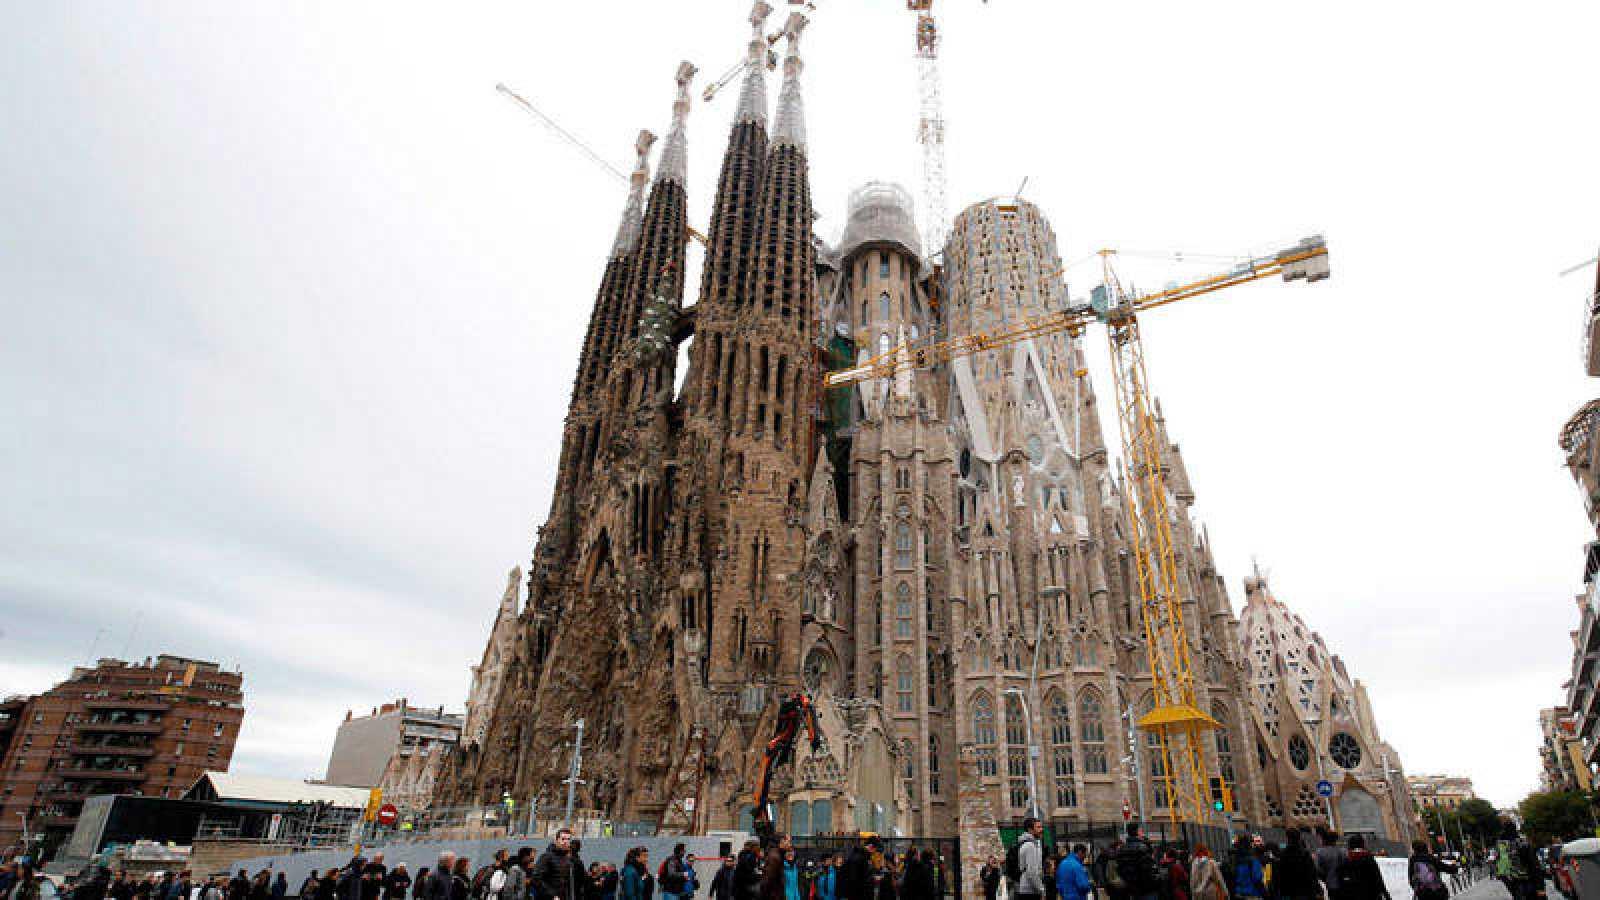 La Sagrada Familia, uno de los principales atractivos turísticos de Barcelona